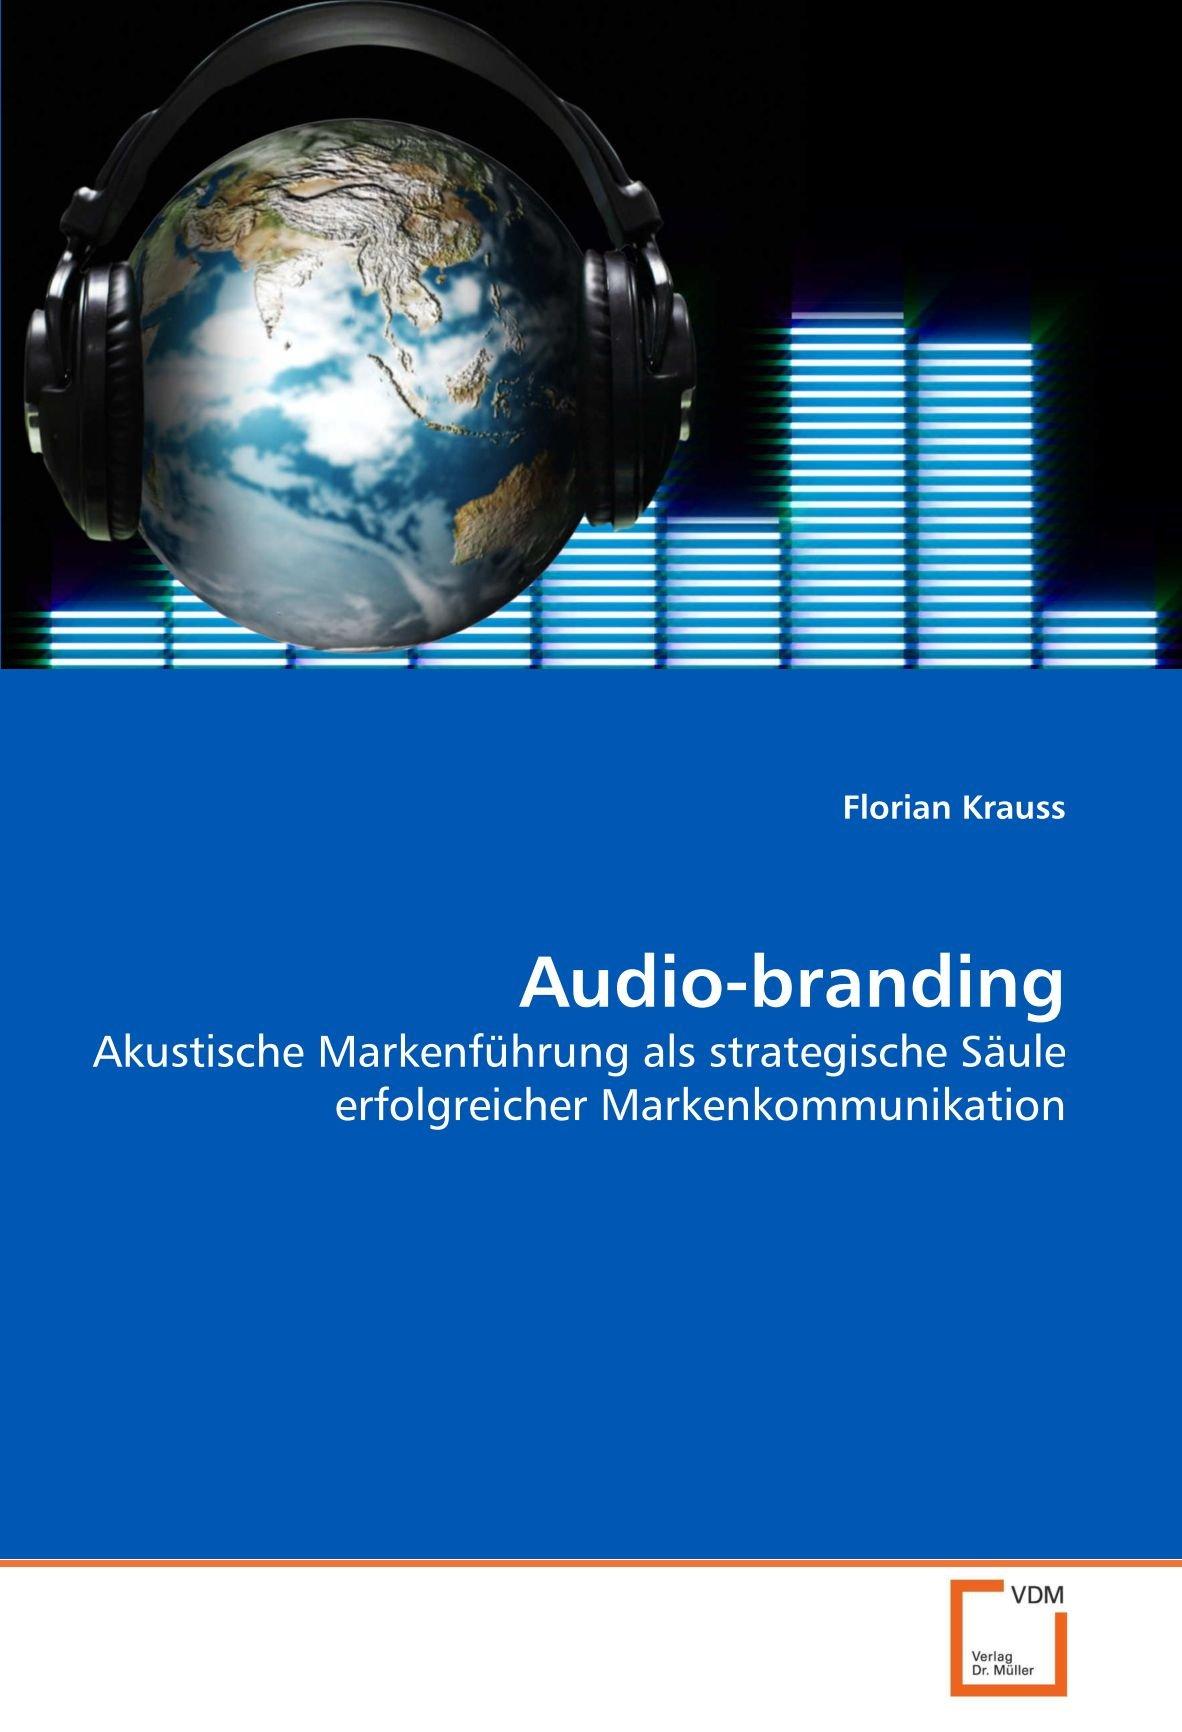 Audio-branding: Akustische Markenführung als strategische Säule erfolgreicher Markenkommunikation